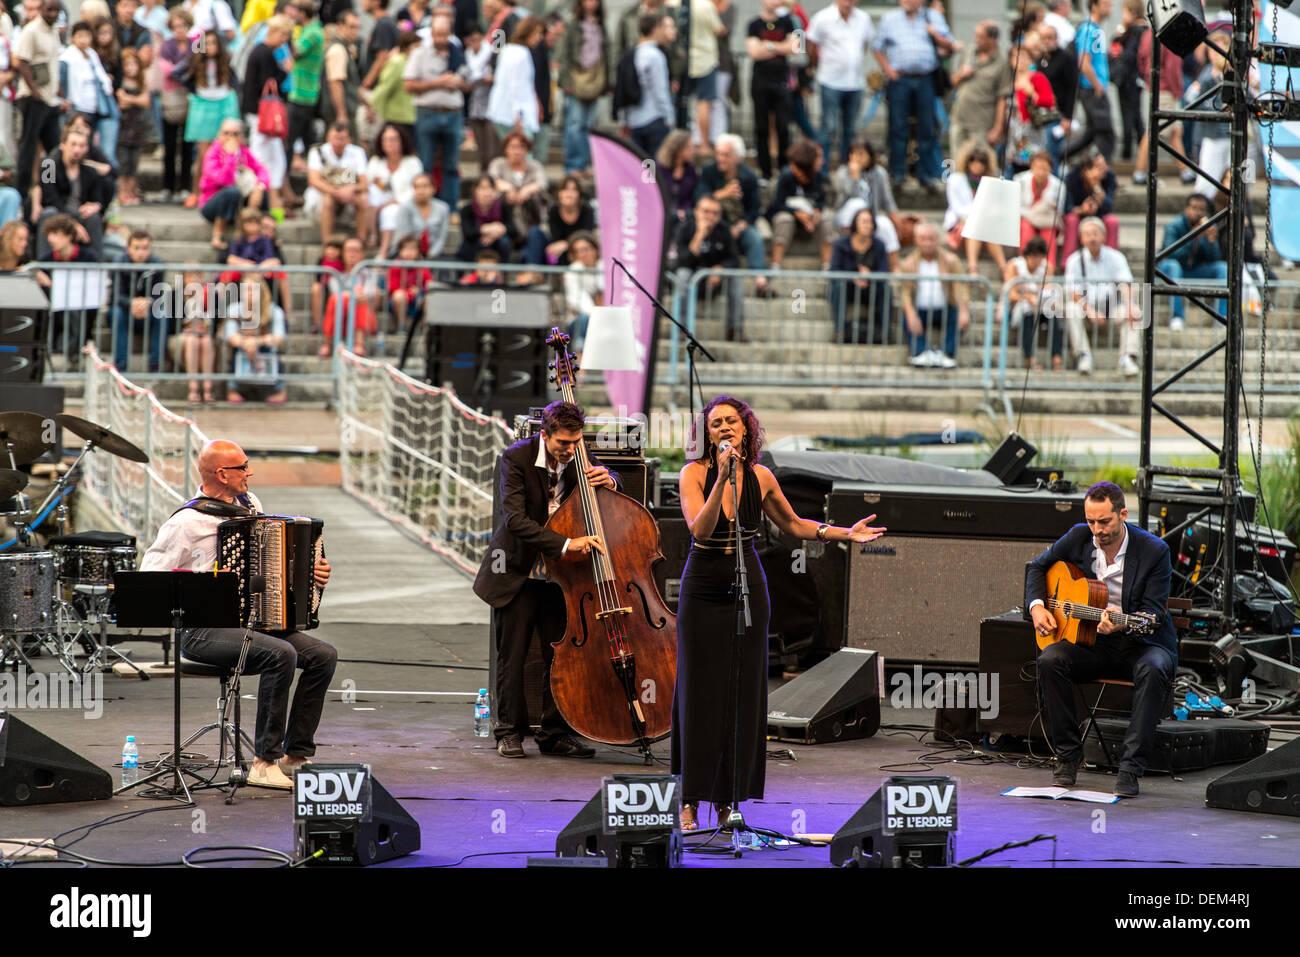 Festival de música de jazz Erdre Nantes FRANCIA Europa del Norte Imagen De Stock